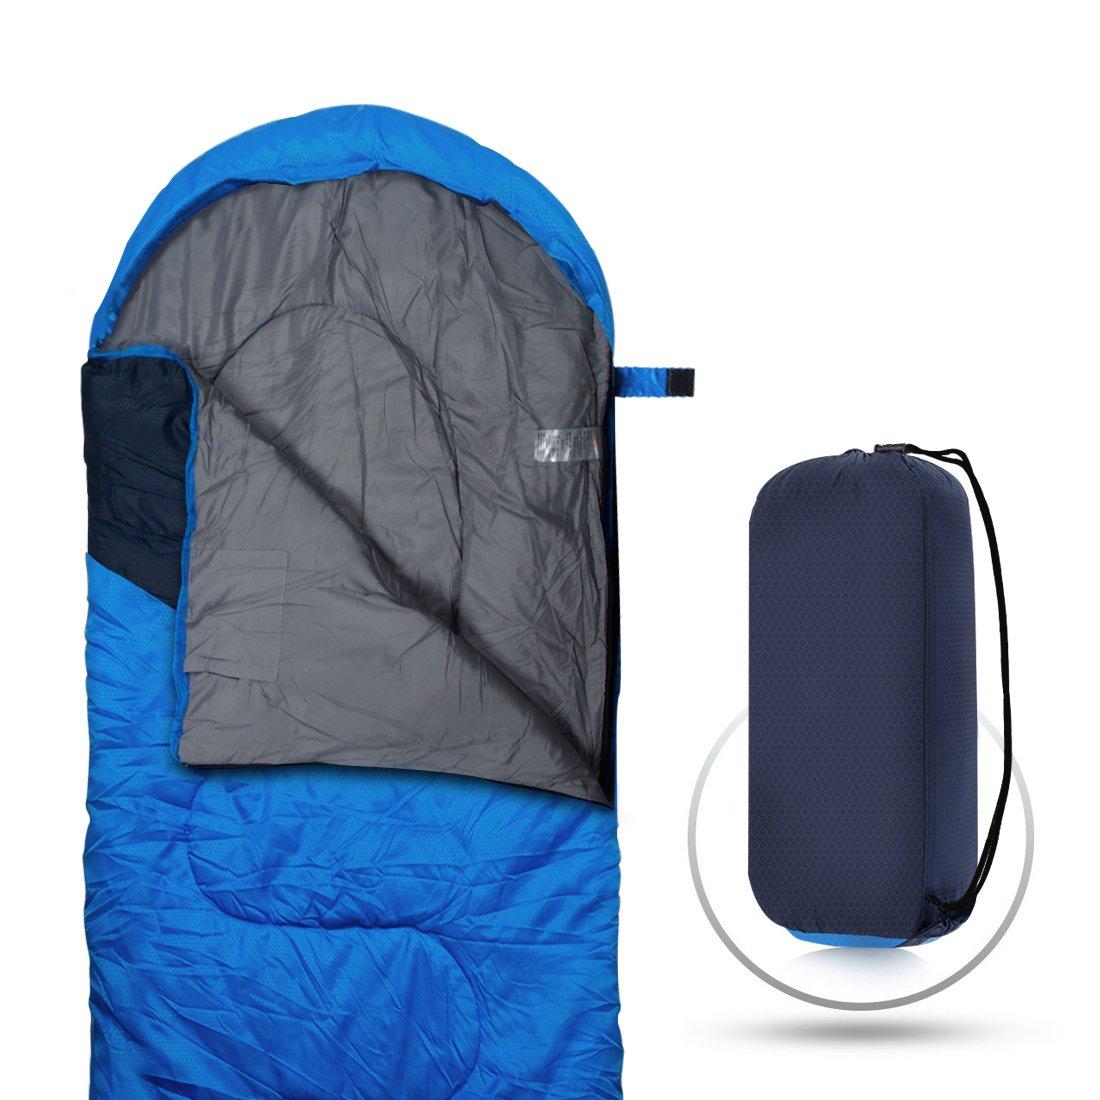 Carqi Schlafsack, Umschlag leicht tragbar, wasserdicht, Komfort mit Kompressions-Sack, ideal für 4 Saison Reisen, Camping, Wandern und Outdoor Aktivitäten